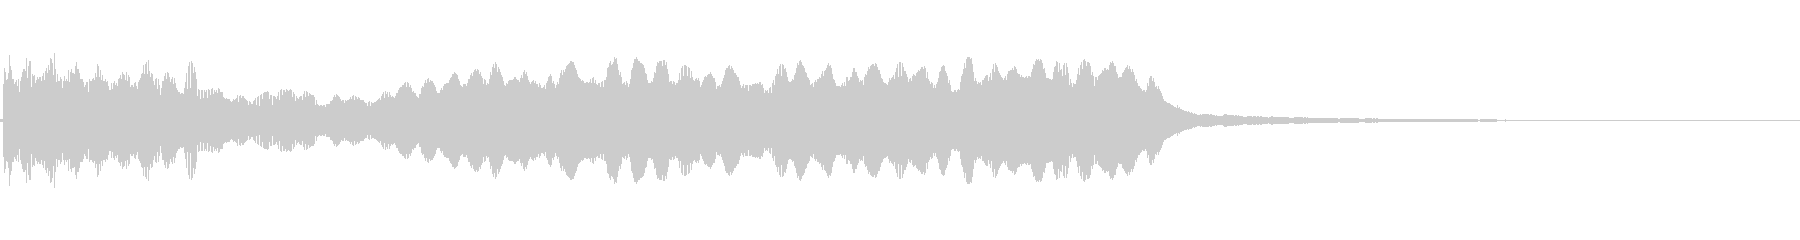 ロックブルースバンパー6の未再生の波形